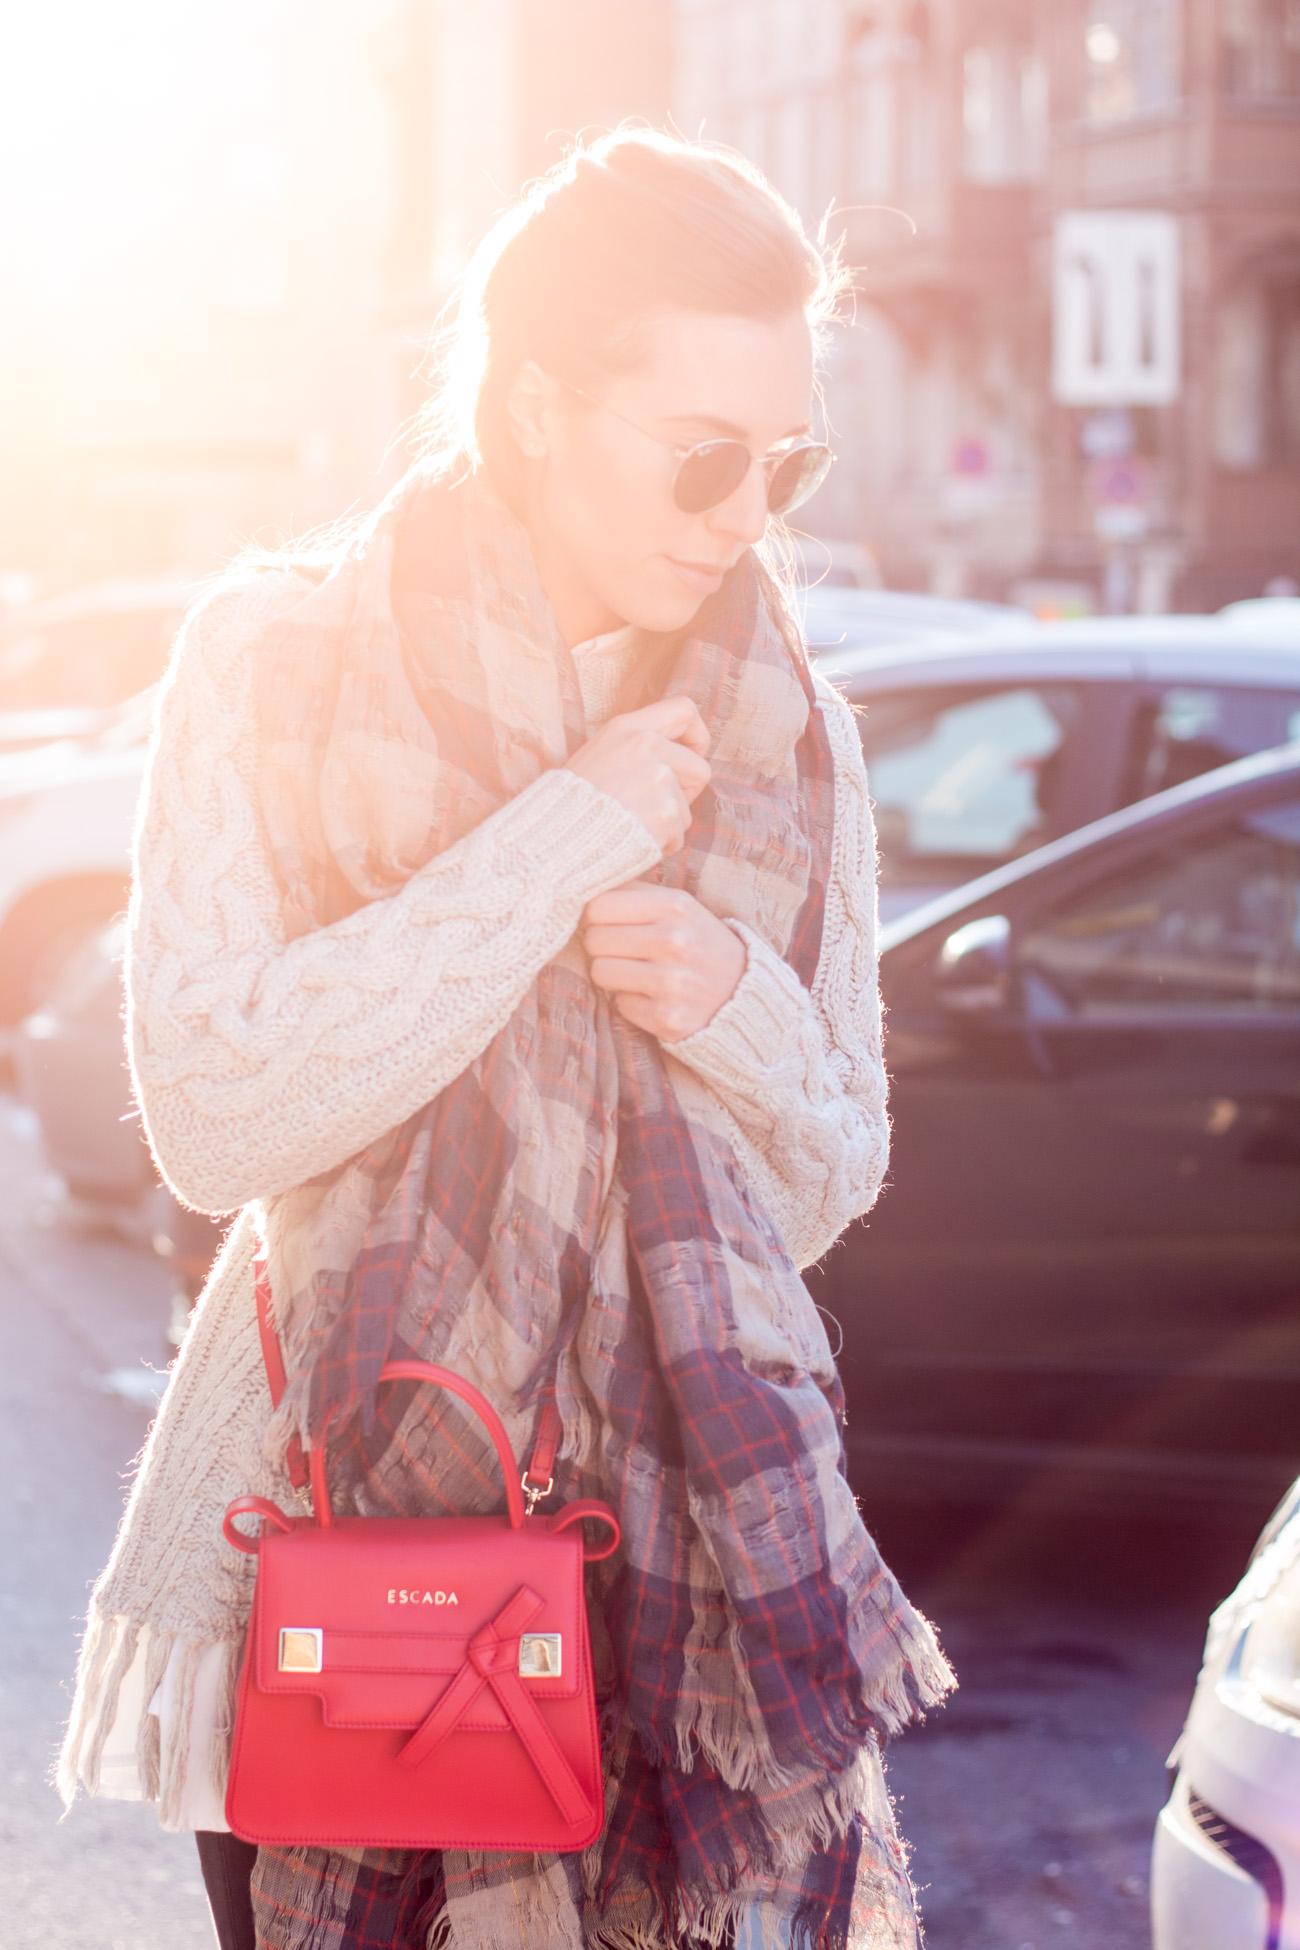 Sosodaily Fleamarket: Escada Bag | Love Daily Dose